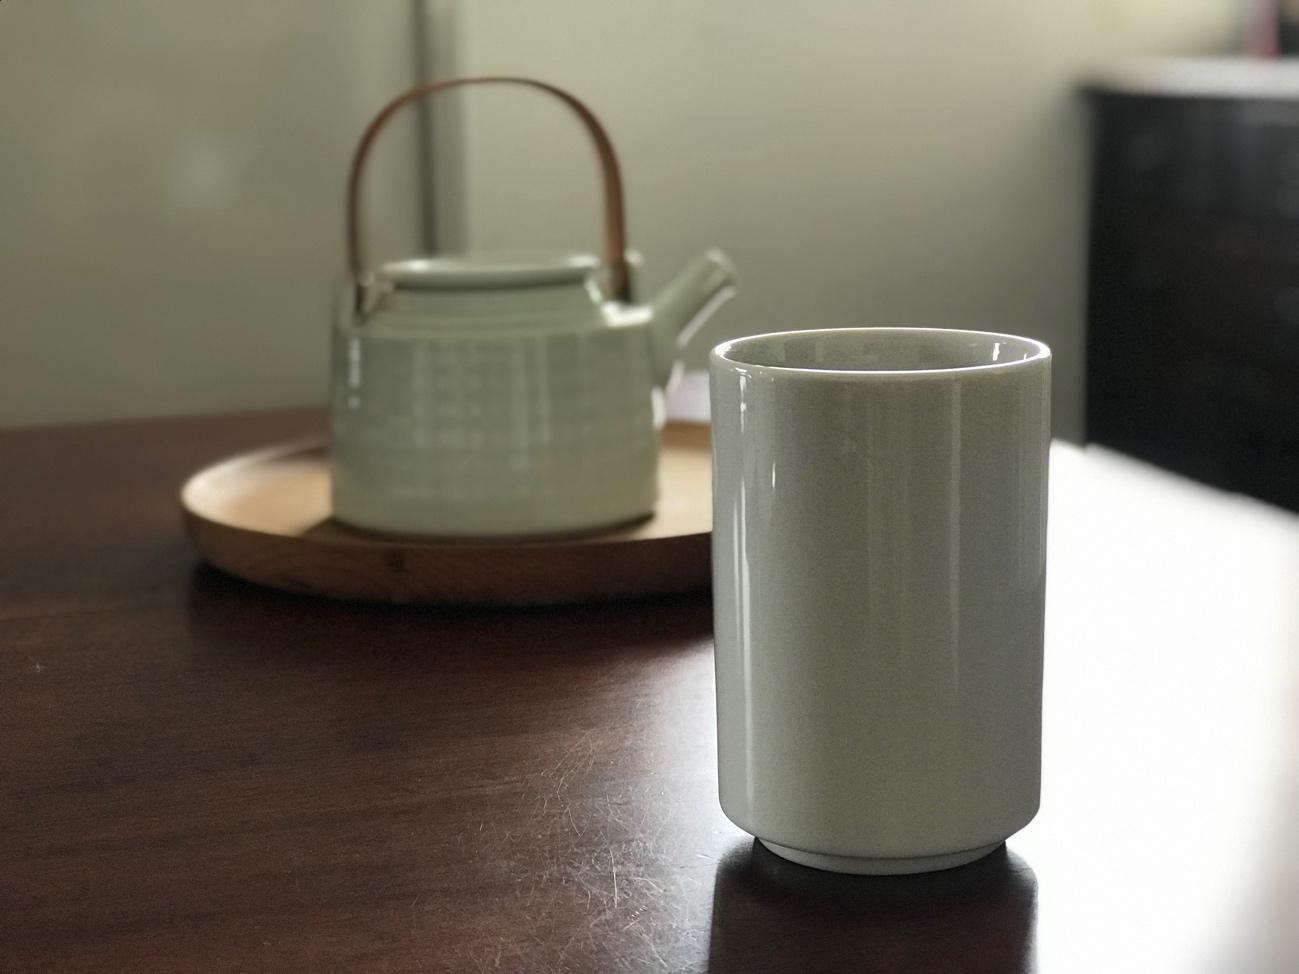 湯呑(ゆのみ)(270ml)アイキャッチ画像